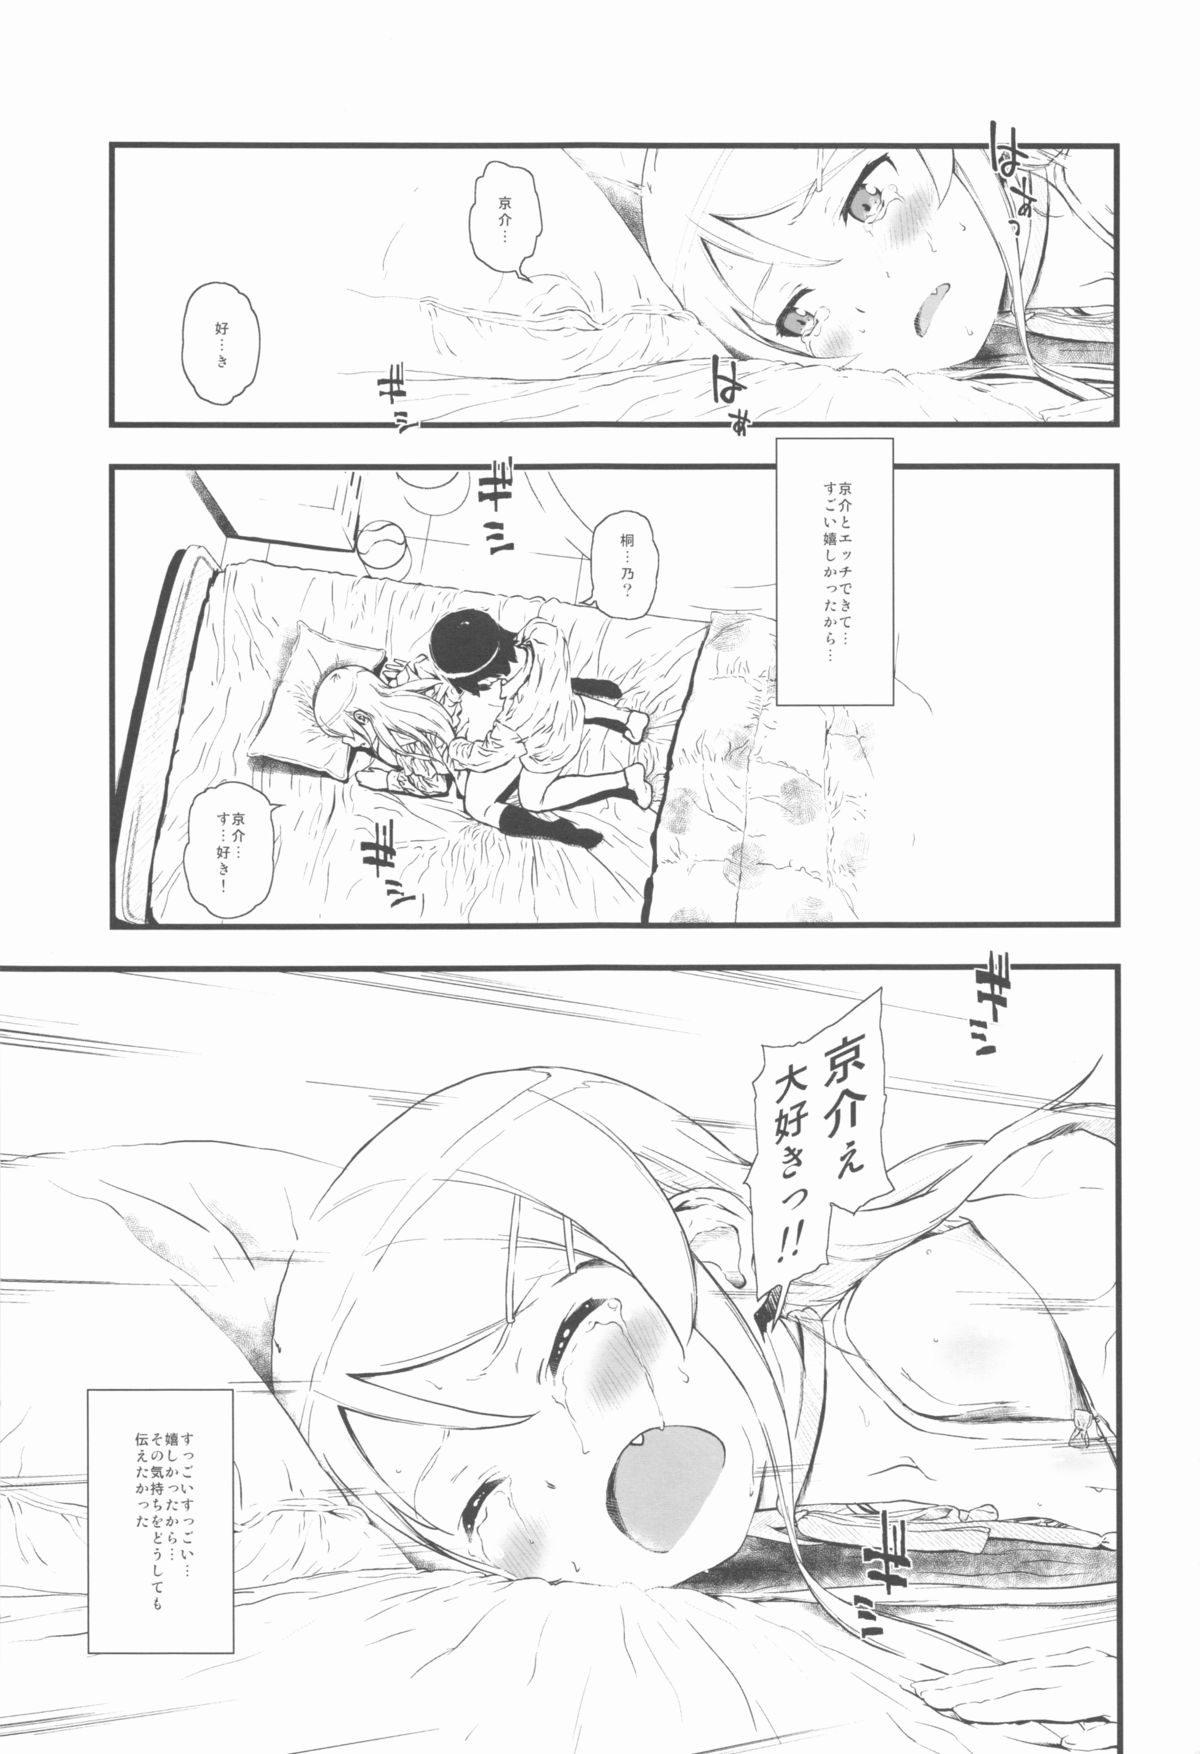 【エロ漫画】JC高坂桐乃のトロントロンオマンコに兄の高坂京介が近親相姦セックスでイチャラブして締りが最高な処女マンコにたっぷり中出ししちゃってるwwwww